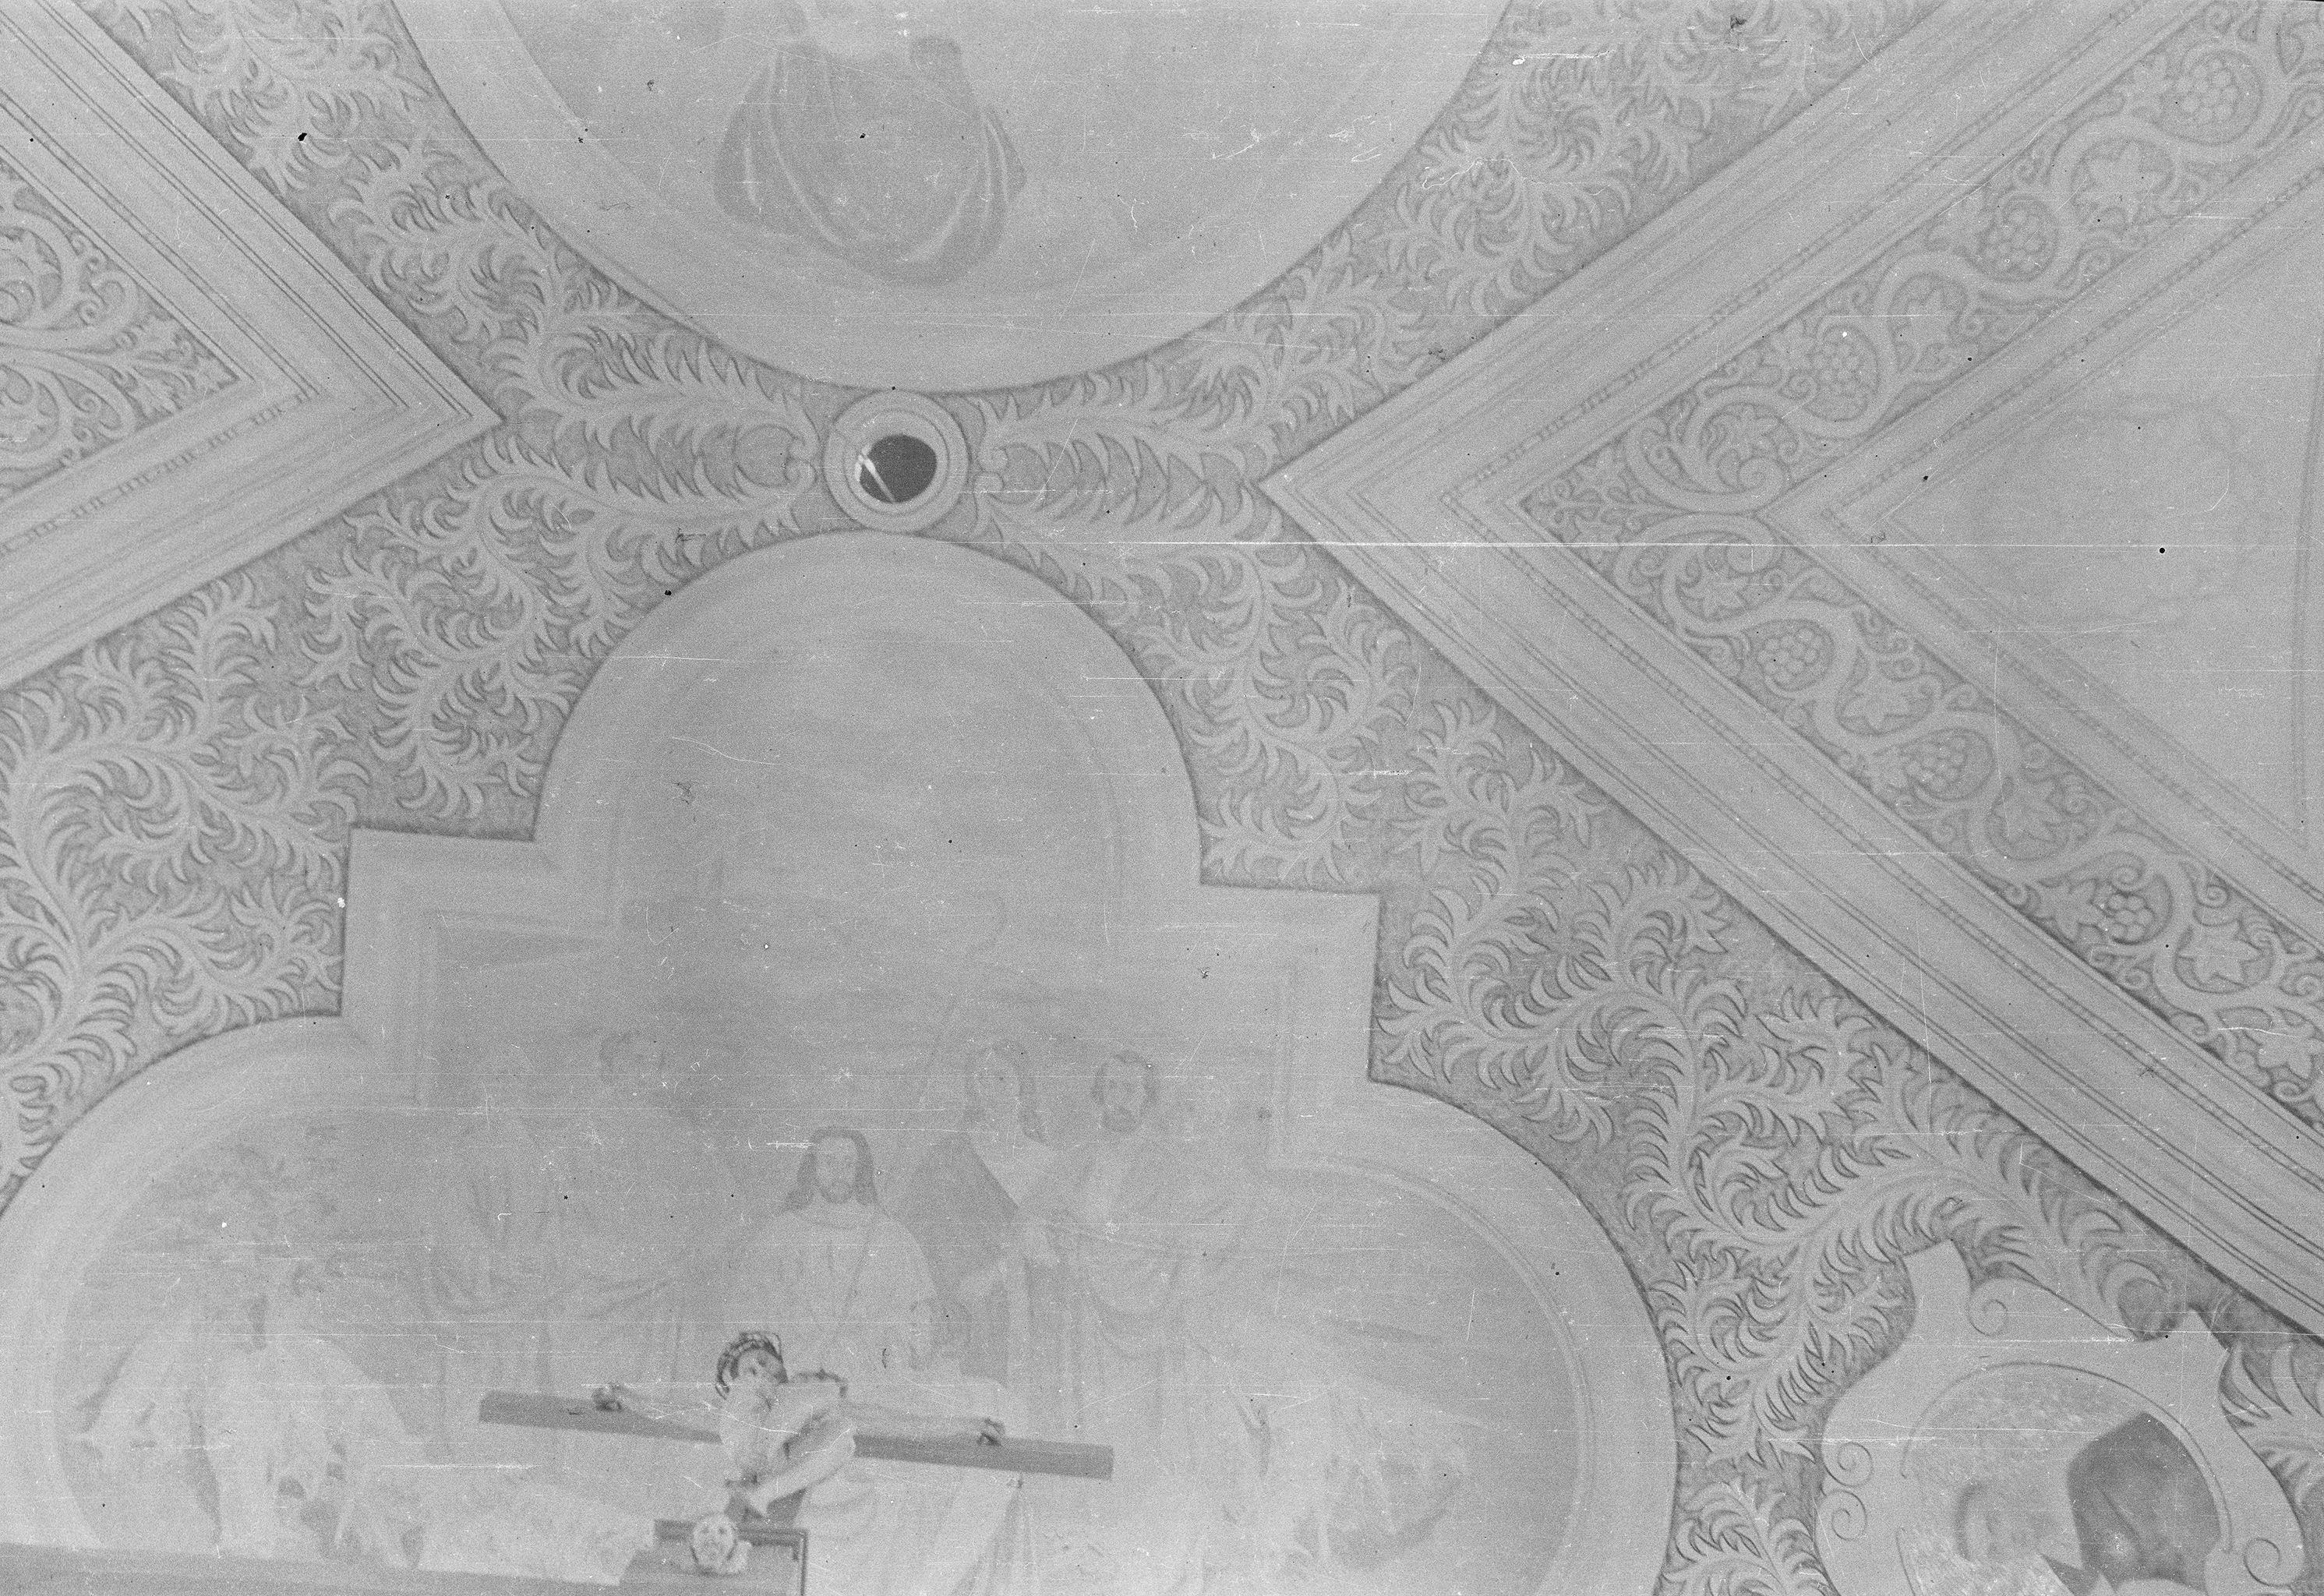 Sklepienie kościoła w Smogonowie Wielkim, Dolny Śląsk, lata 50. XX w.